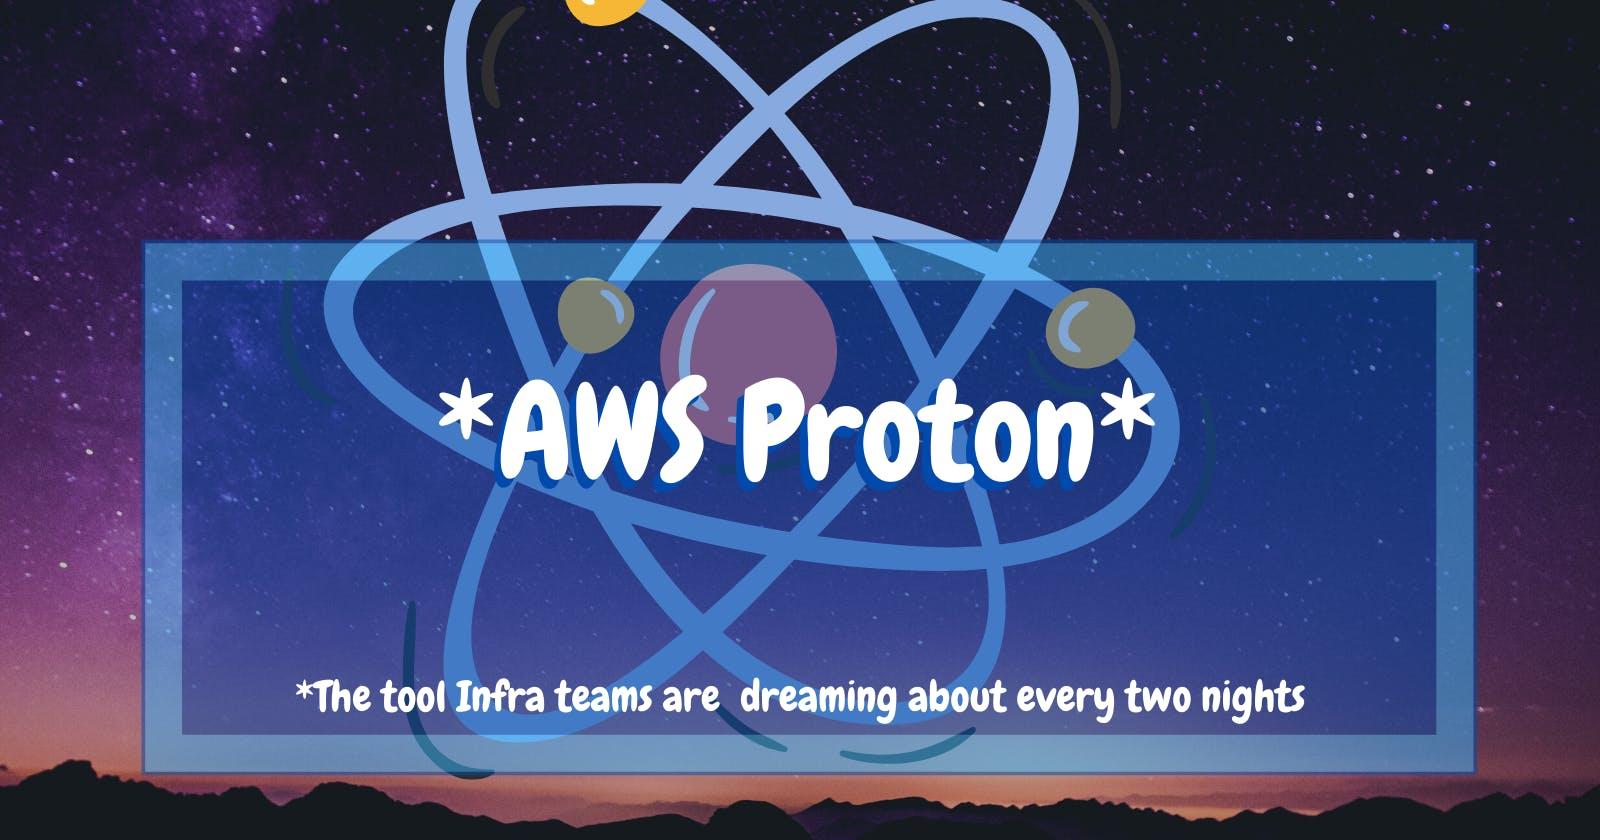 AWS Proton